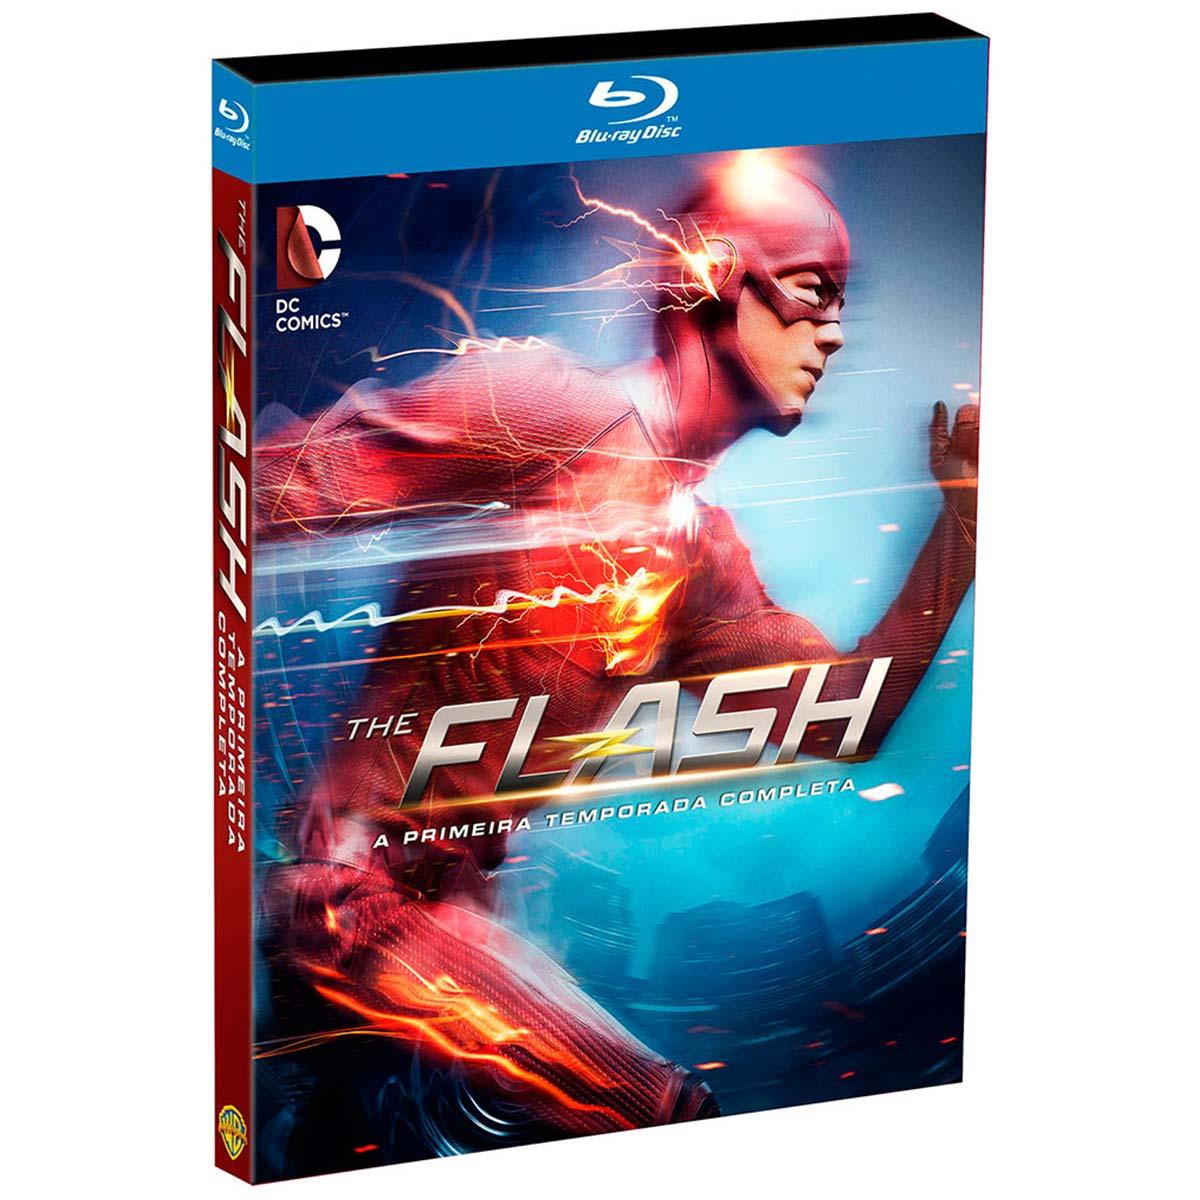 Blu-Ray BOX The Flash A Primeira Temporada Completa